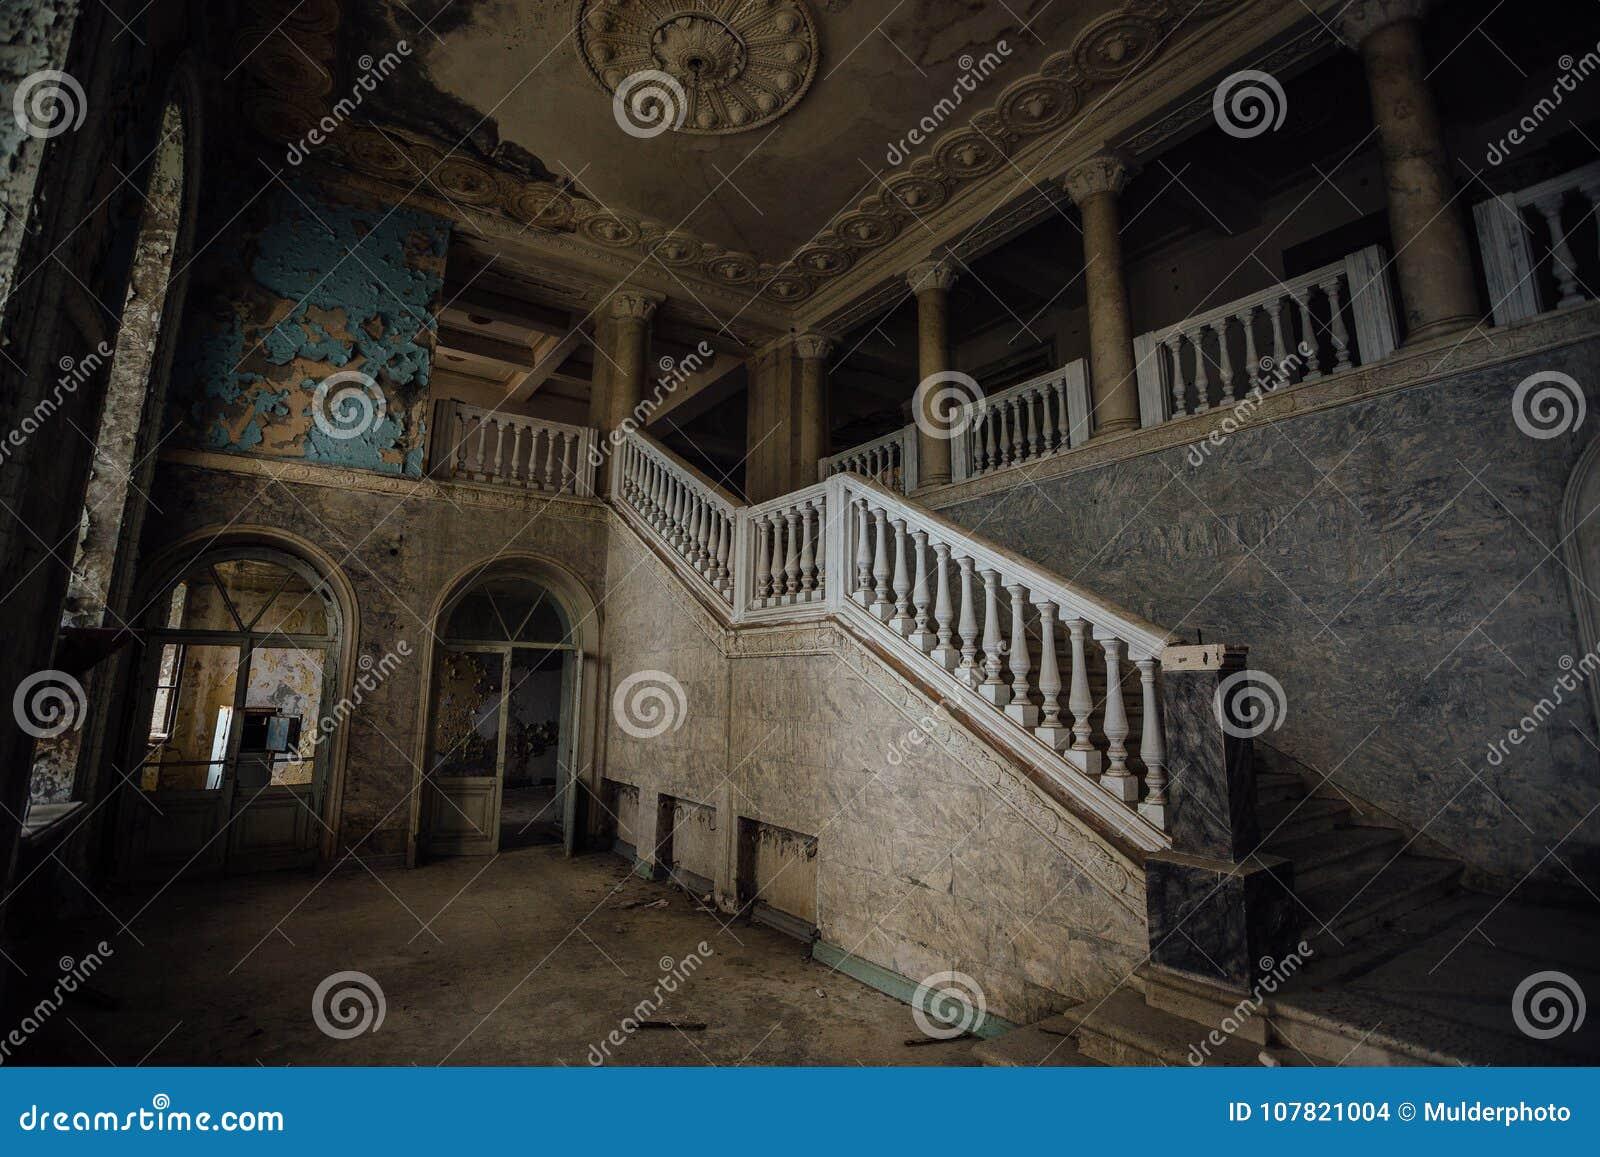 Innere der alten gruseligen verlassenen Villa Treppenhaus und Kolonnade